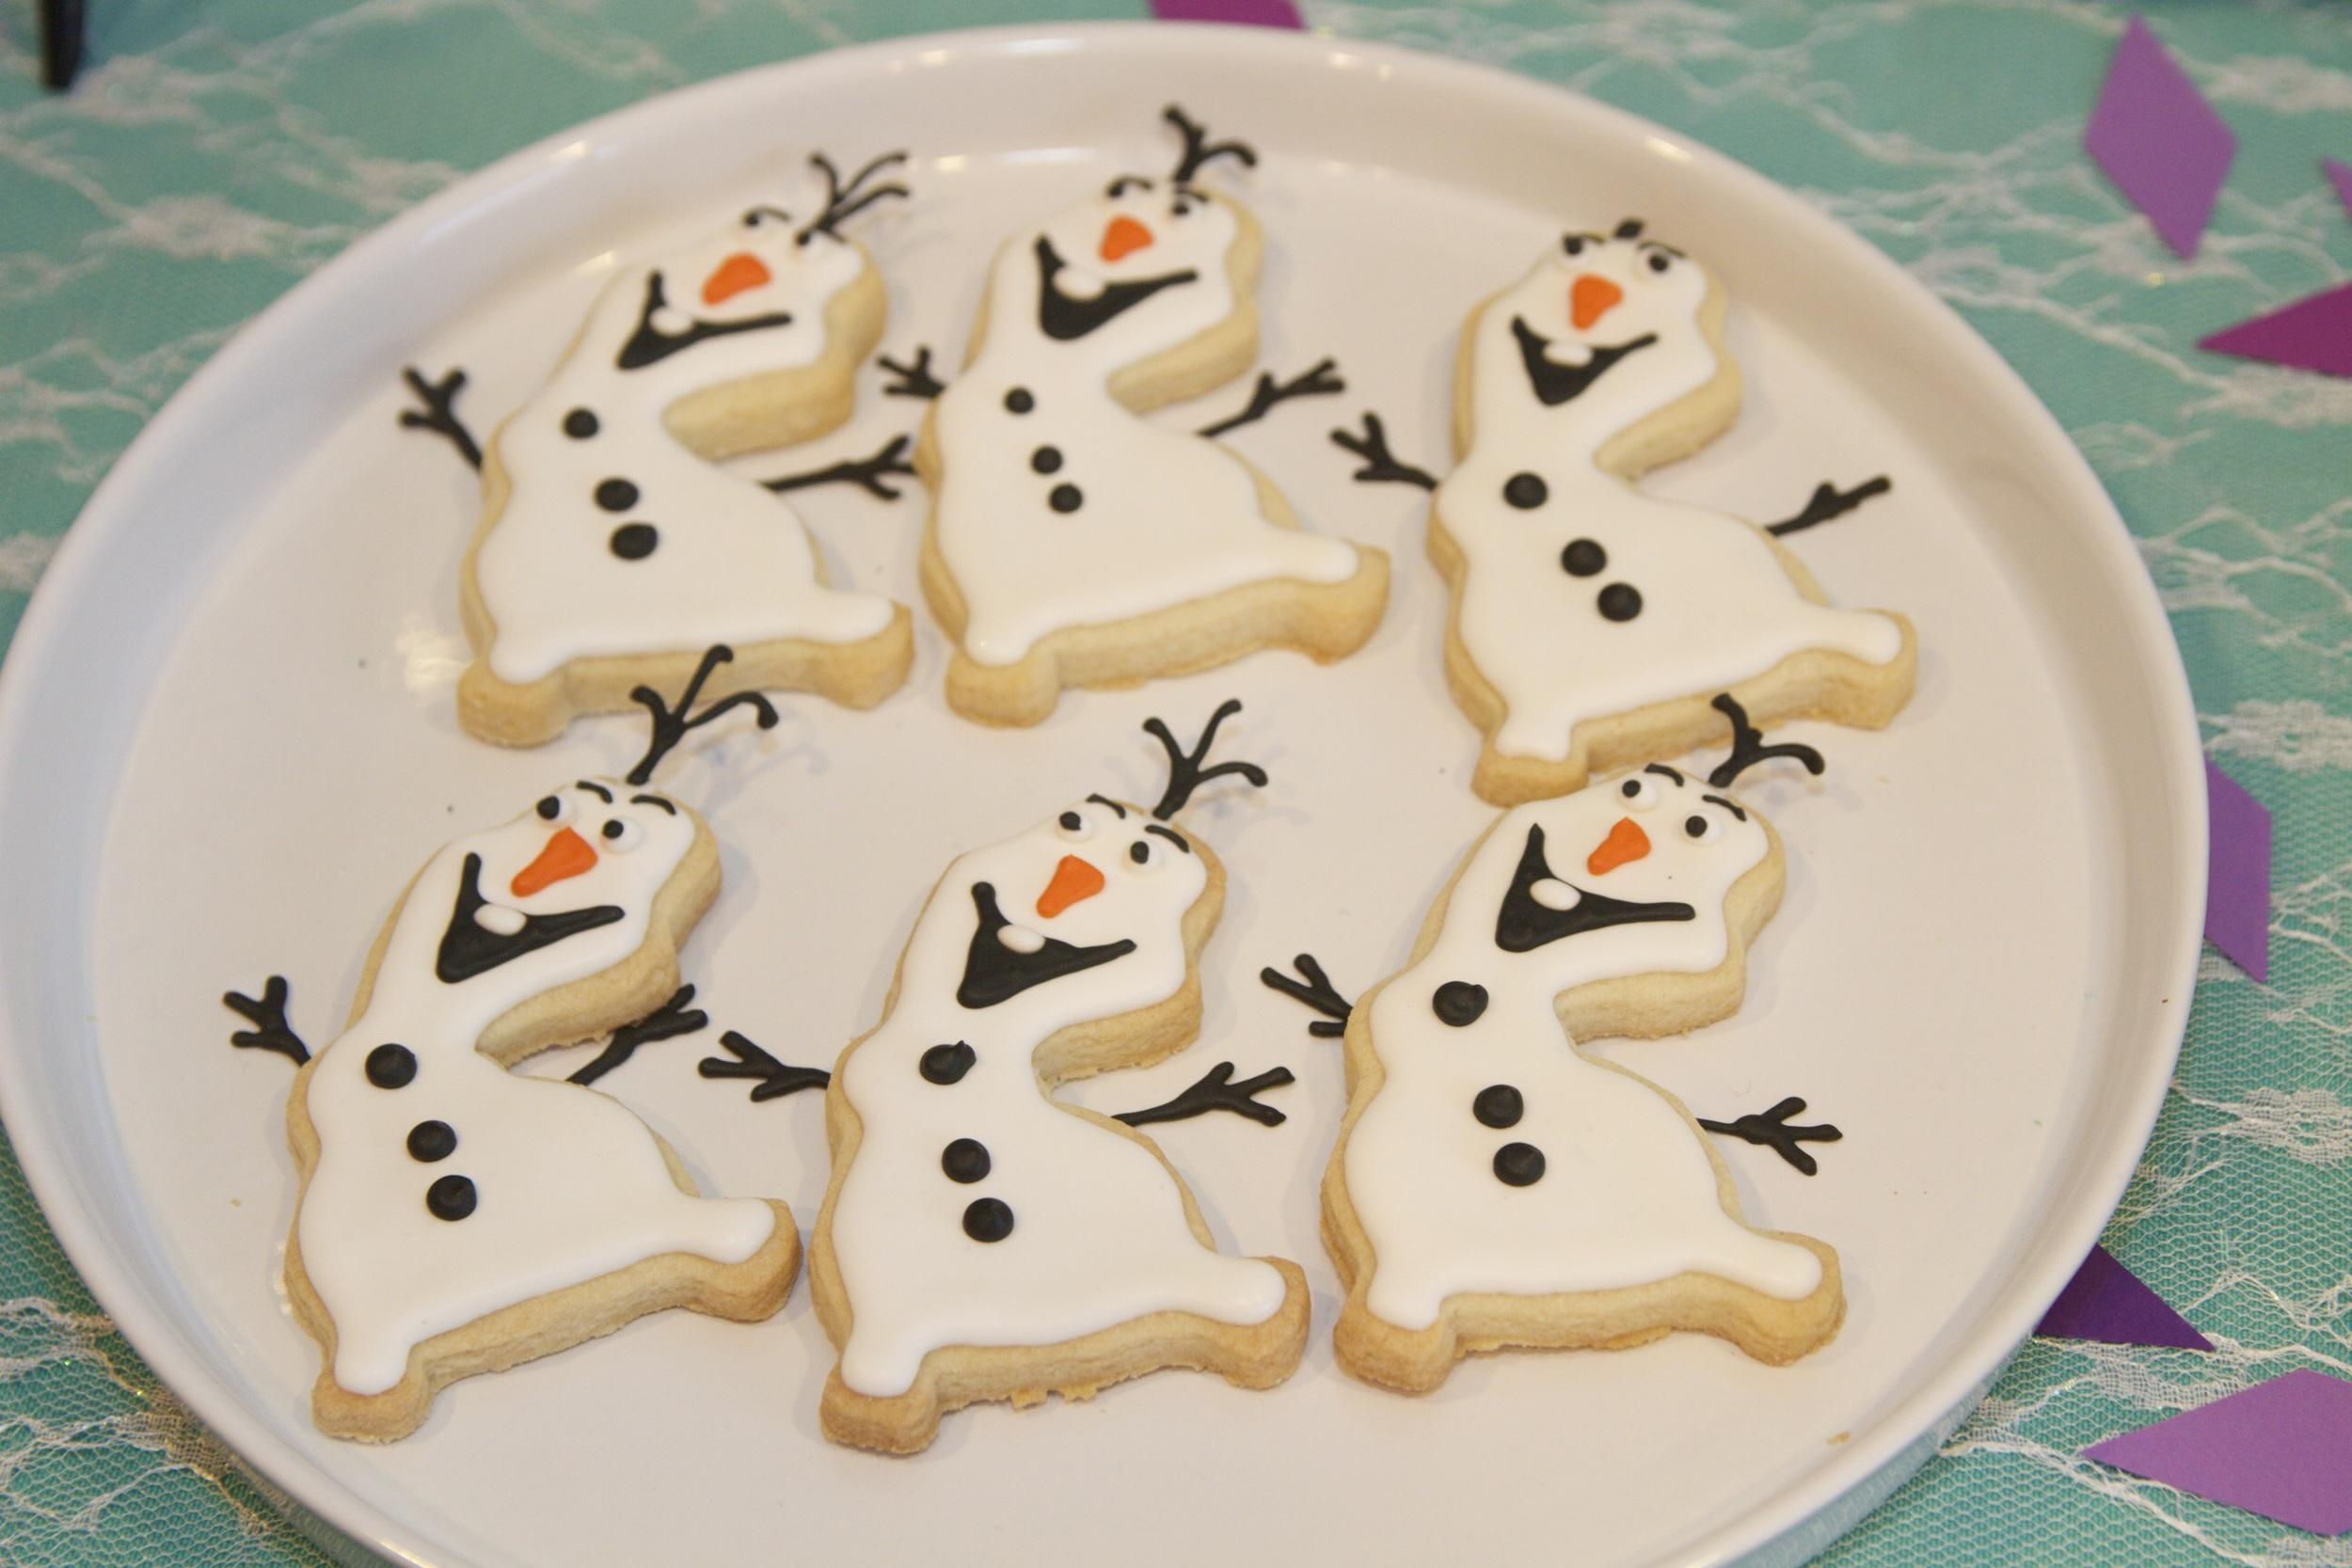 Olaf dancing cookies!